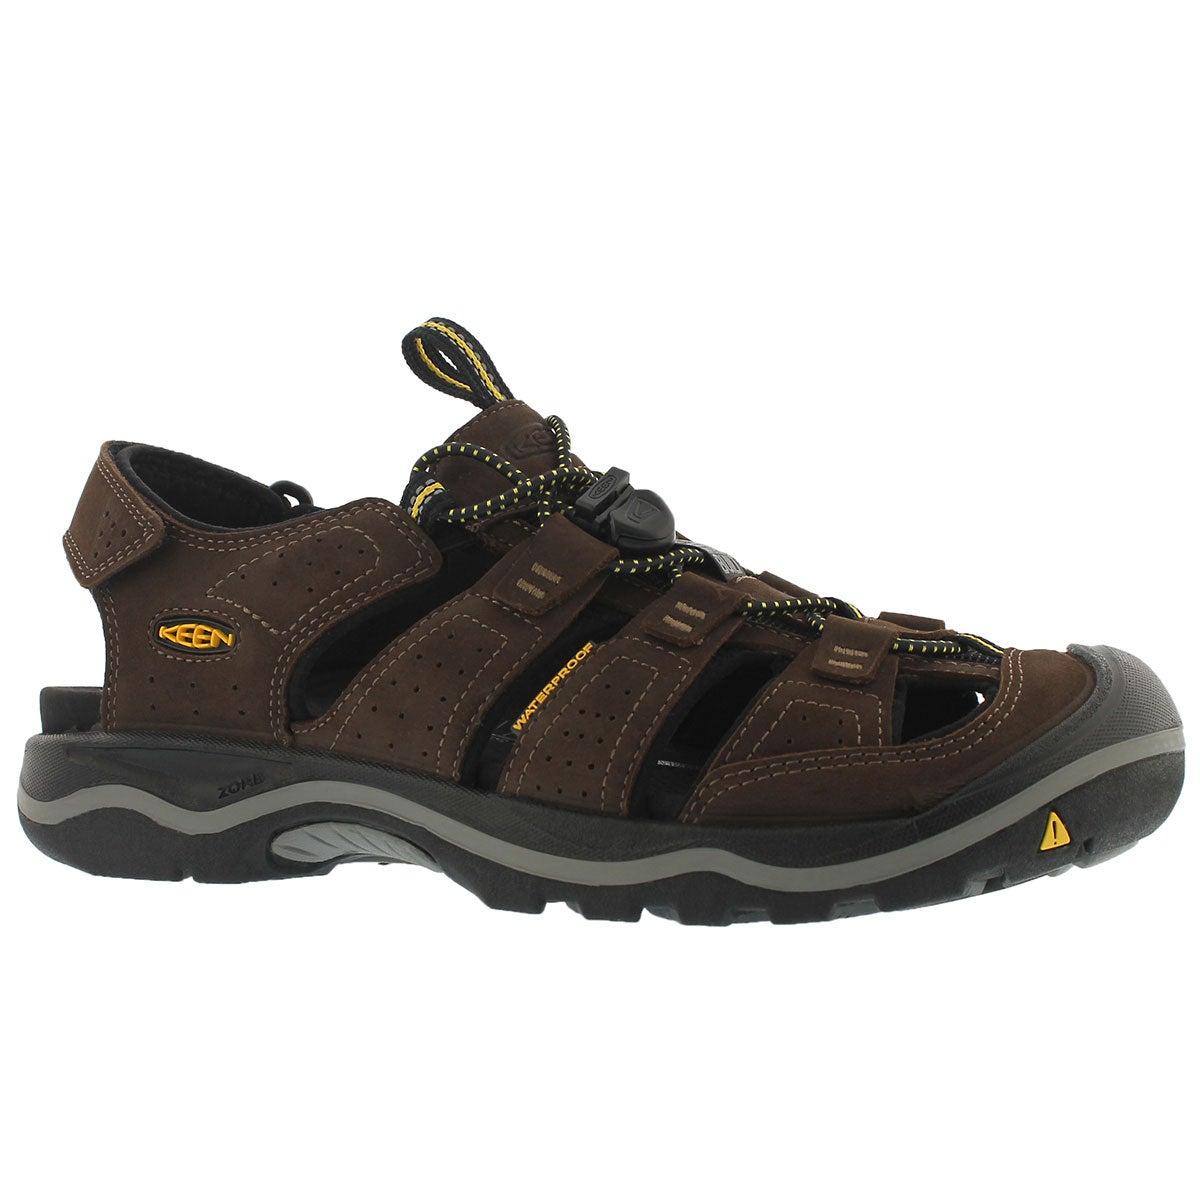 Men's RIALTO bison leather sport sandals